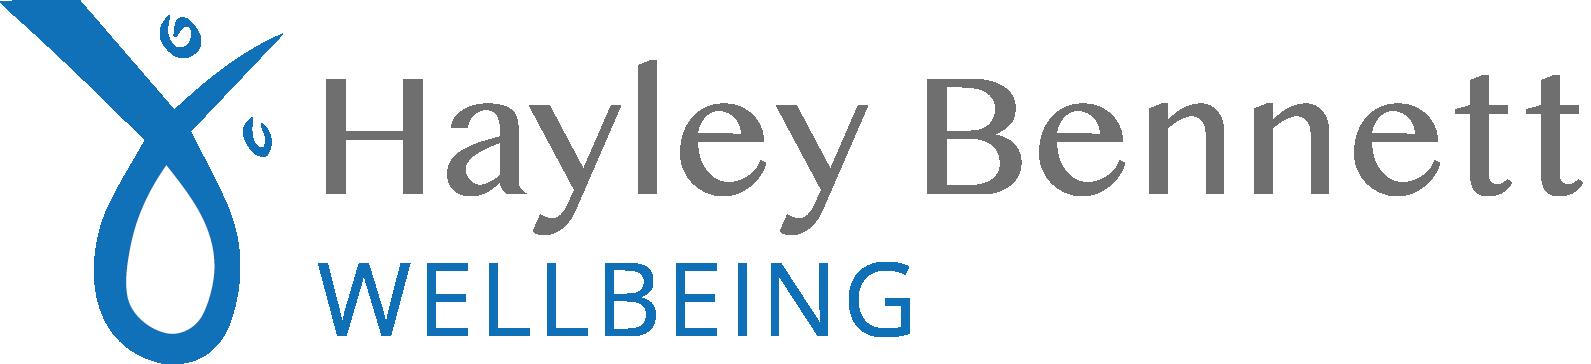 Hayley Bennett Wellbeing